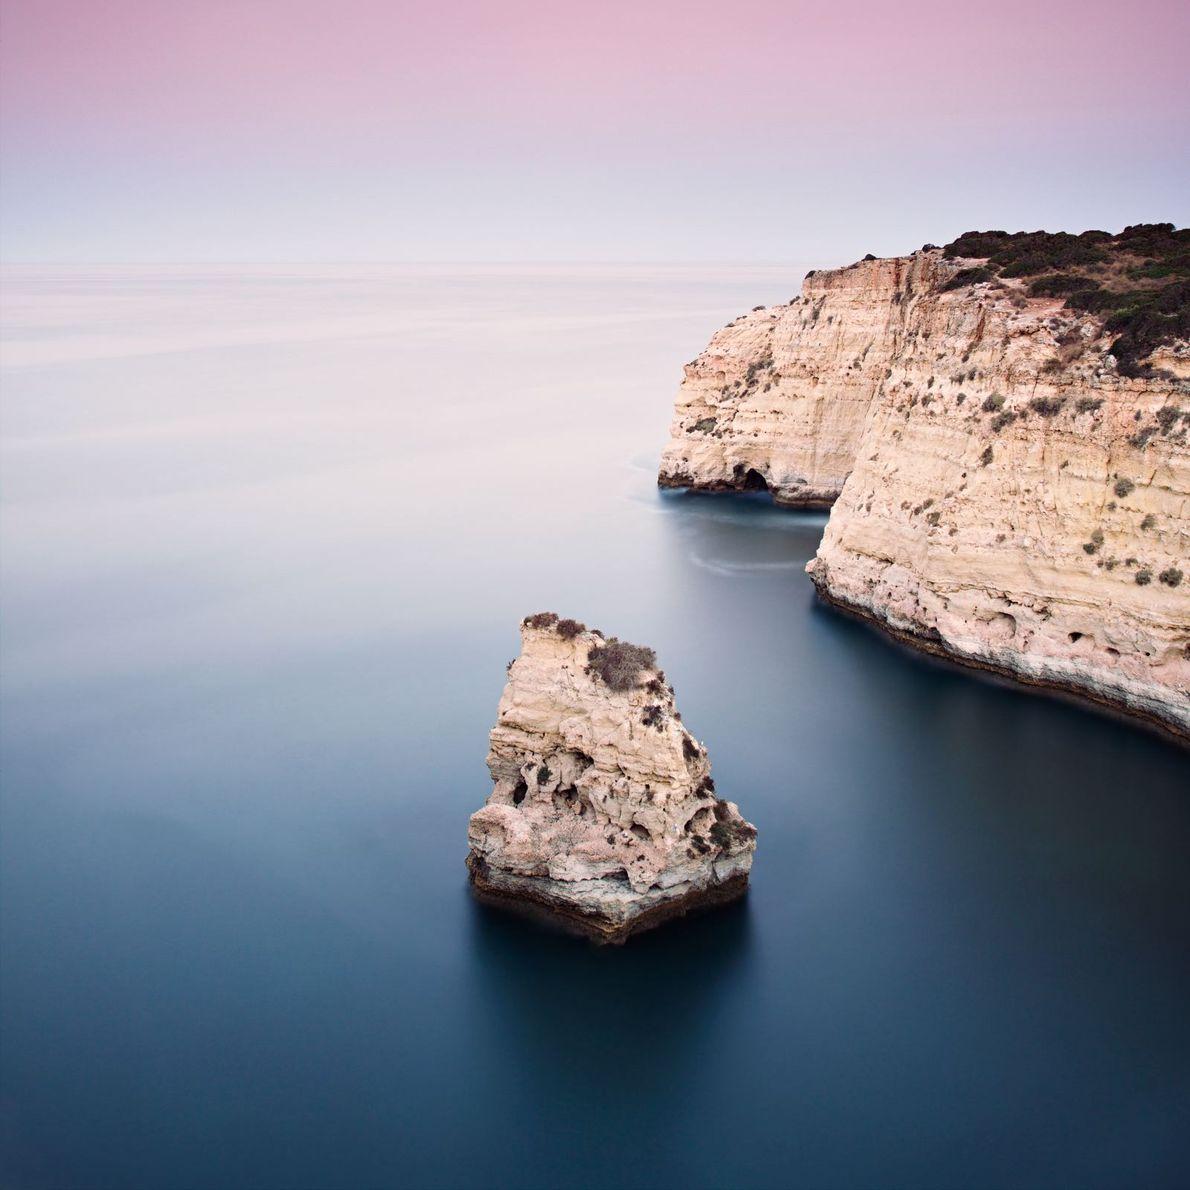 Fotografia da costa algarvia portuguesa